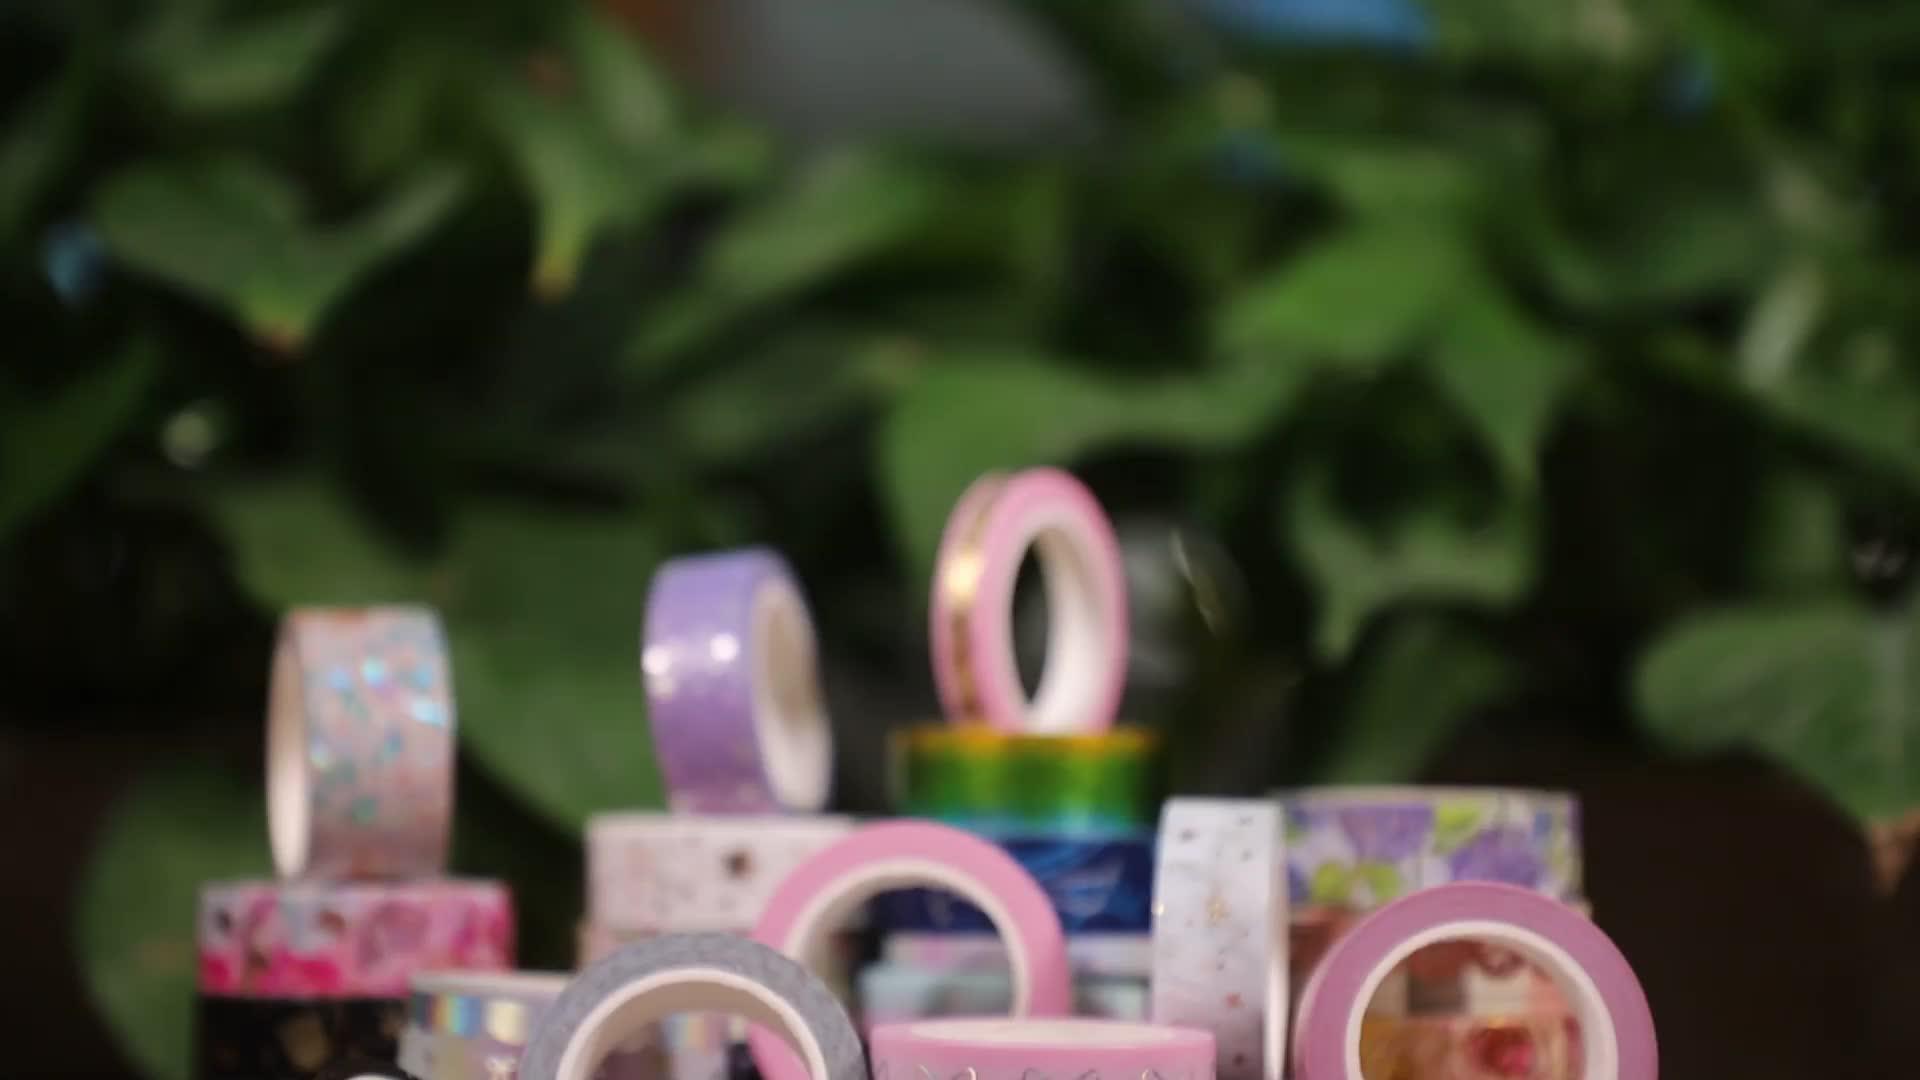 Kustom Membuat Jepang Kertas Warna-warni Perekat Kemasan Kustom Dicetak Foil Overlay Tape